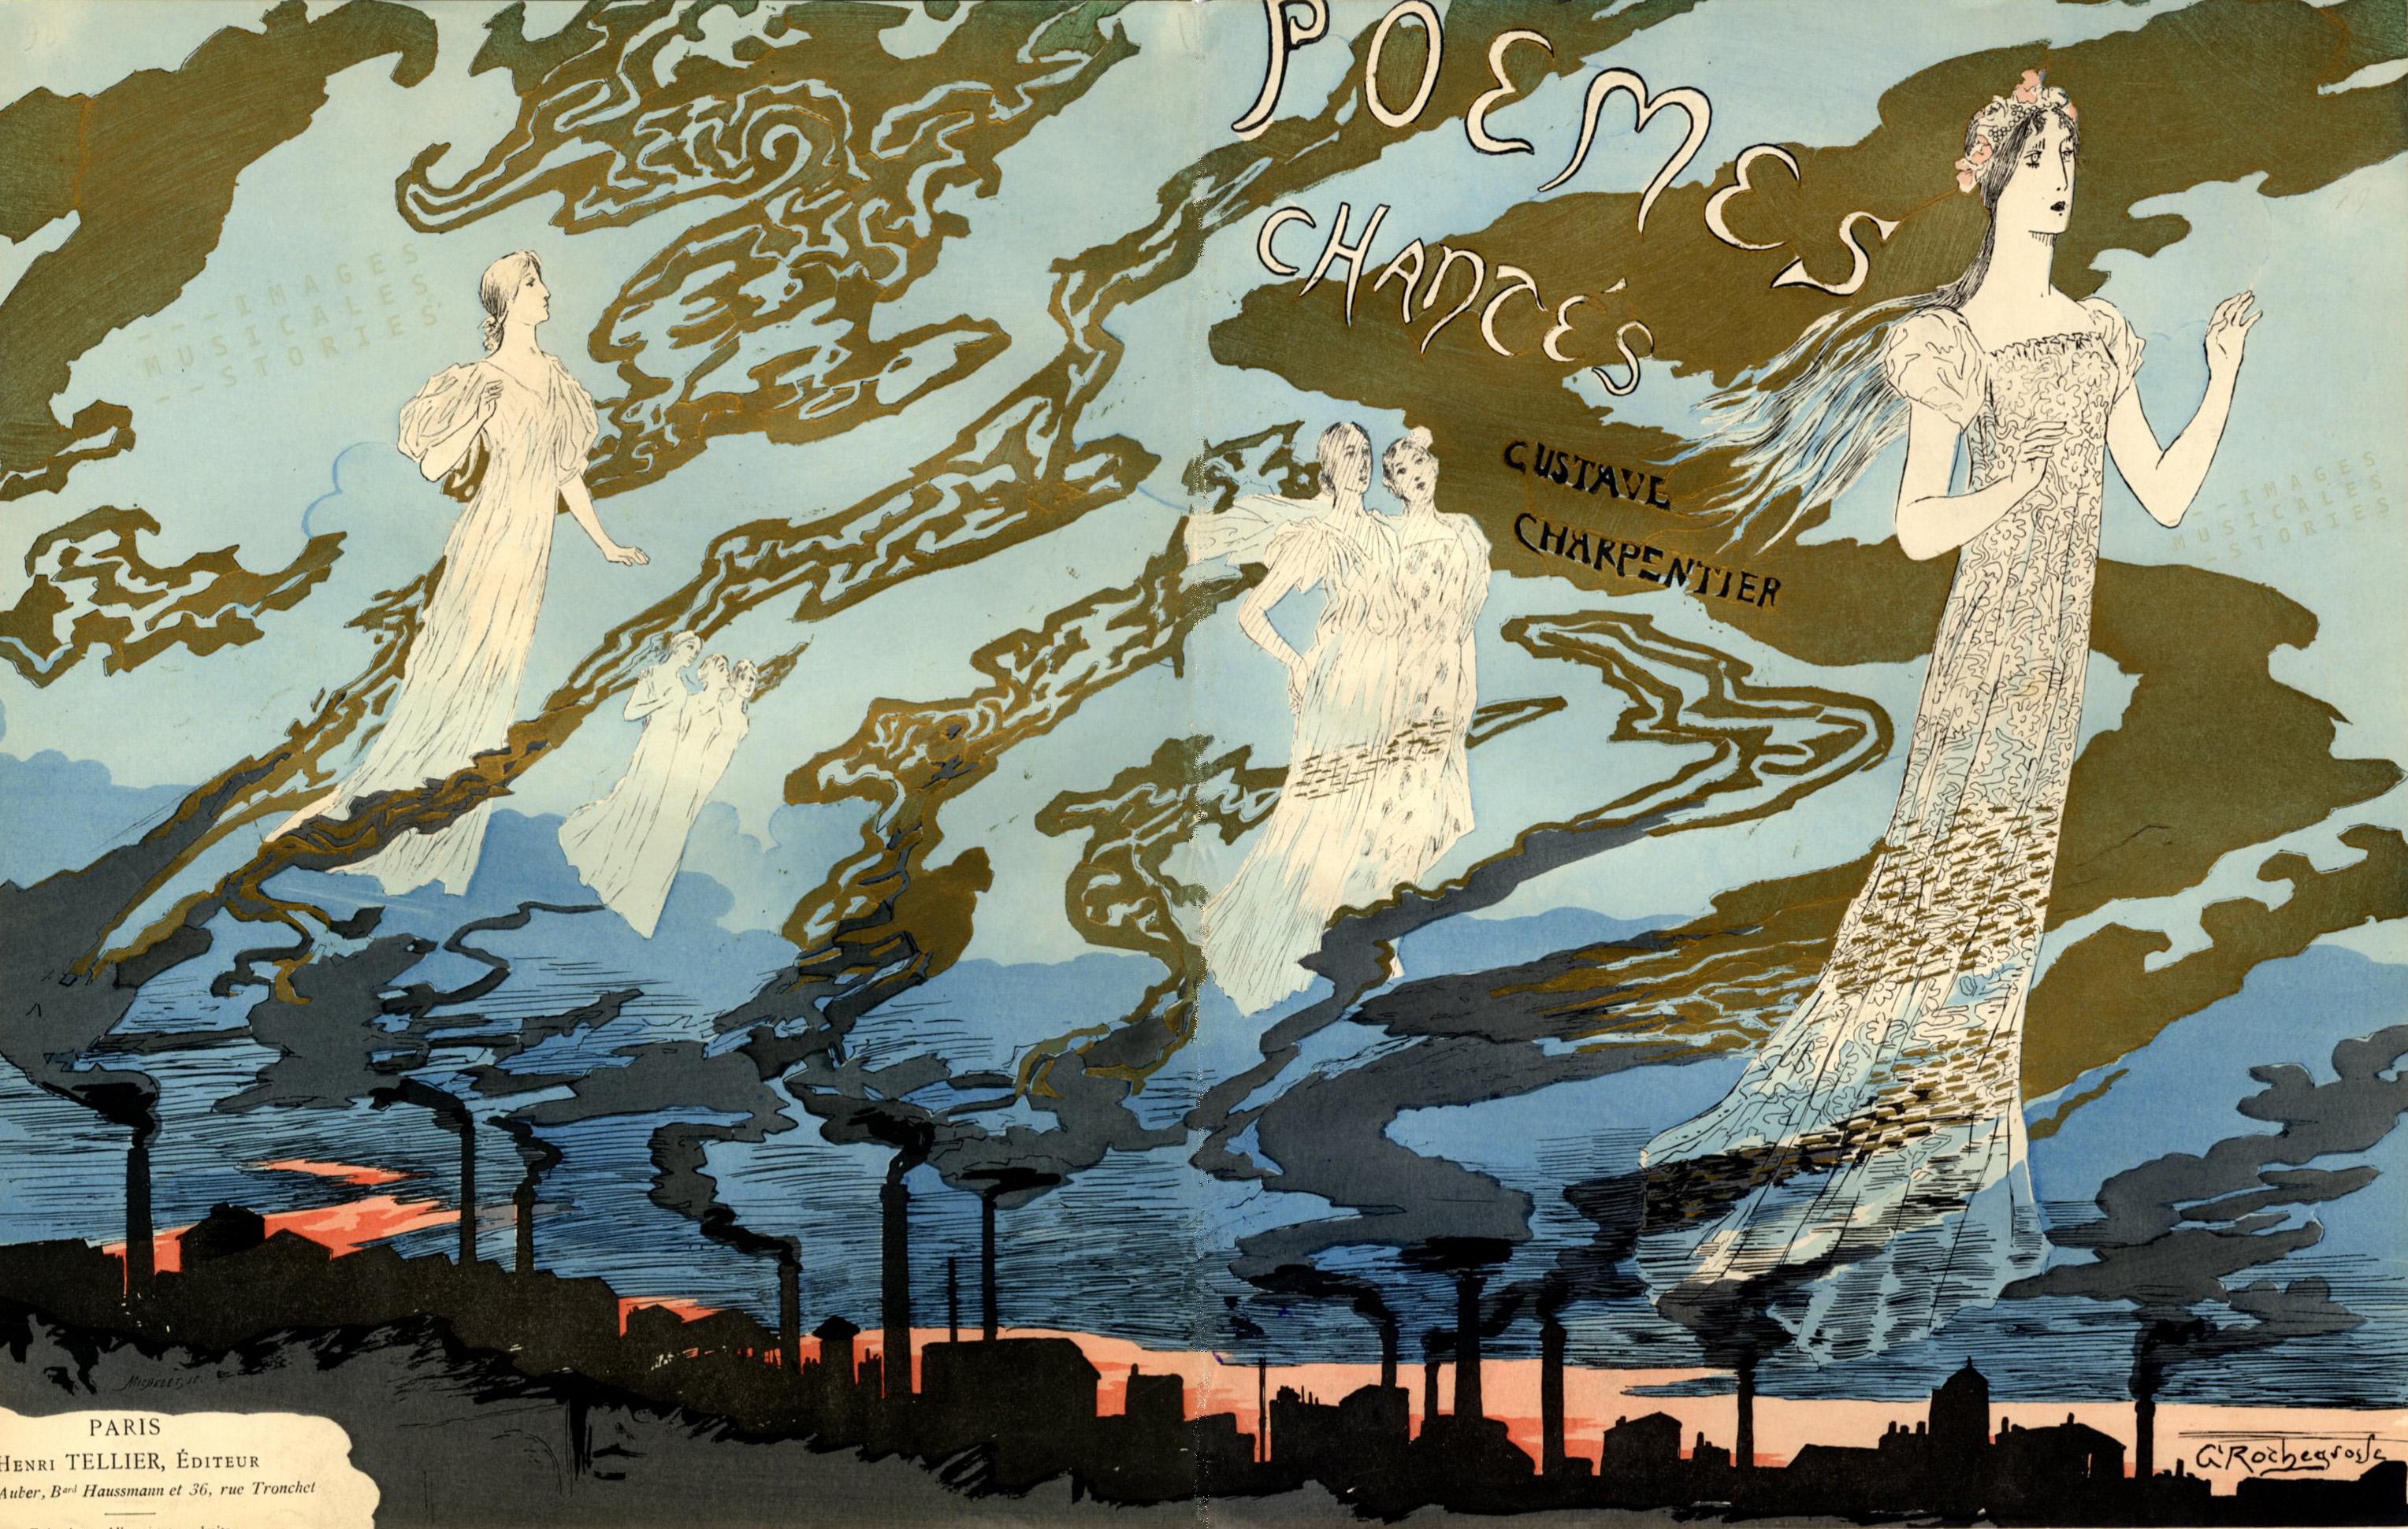 'Poèmes chantées', music by Charpentier